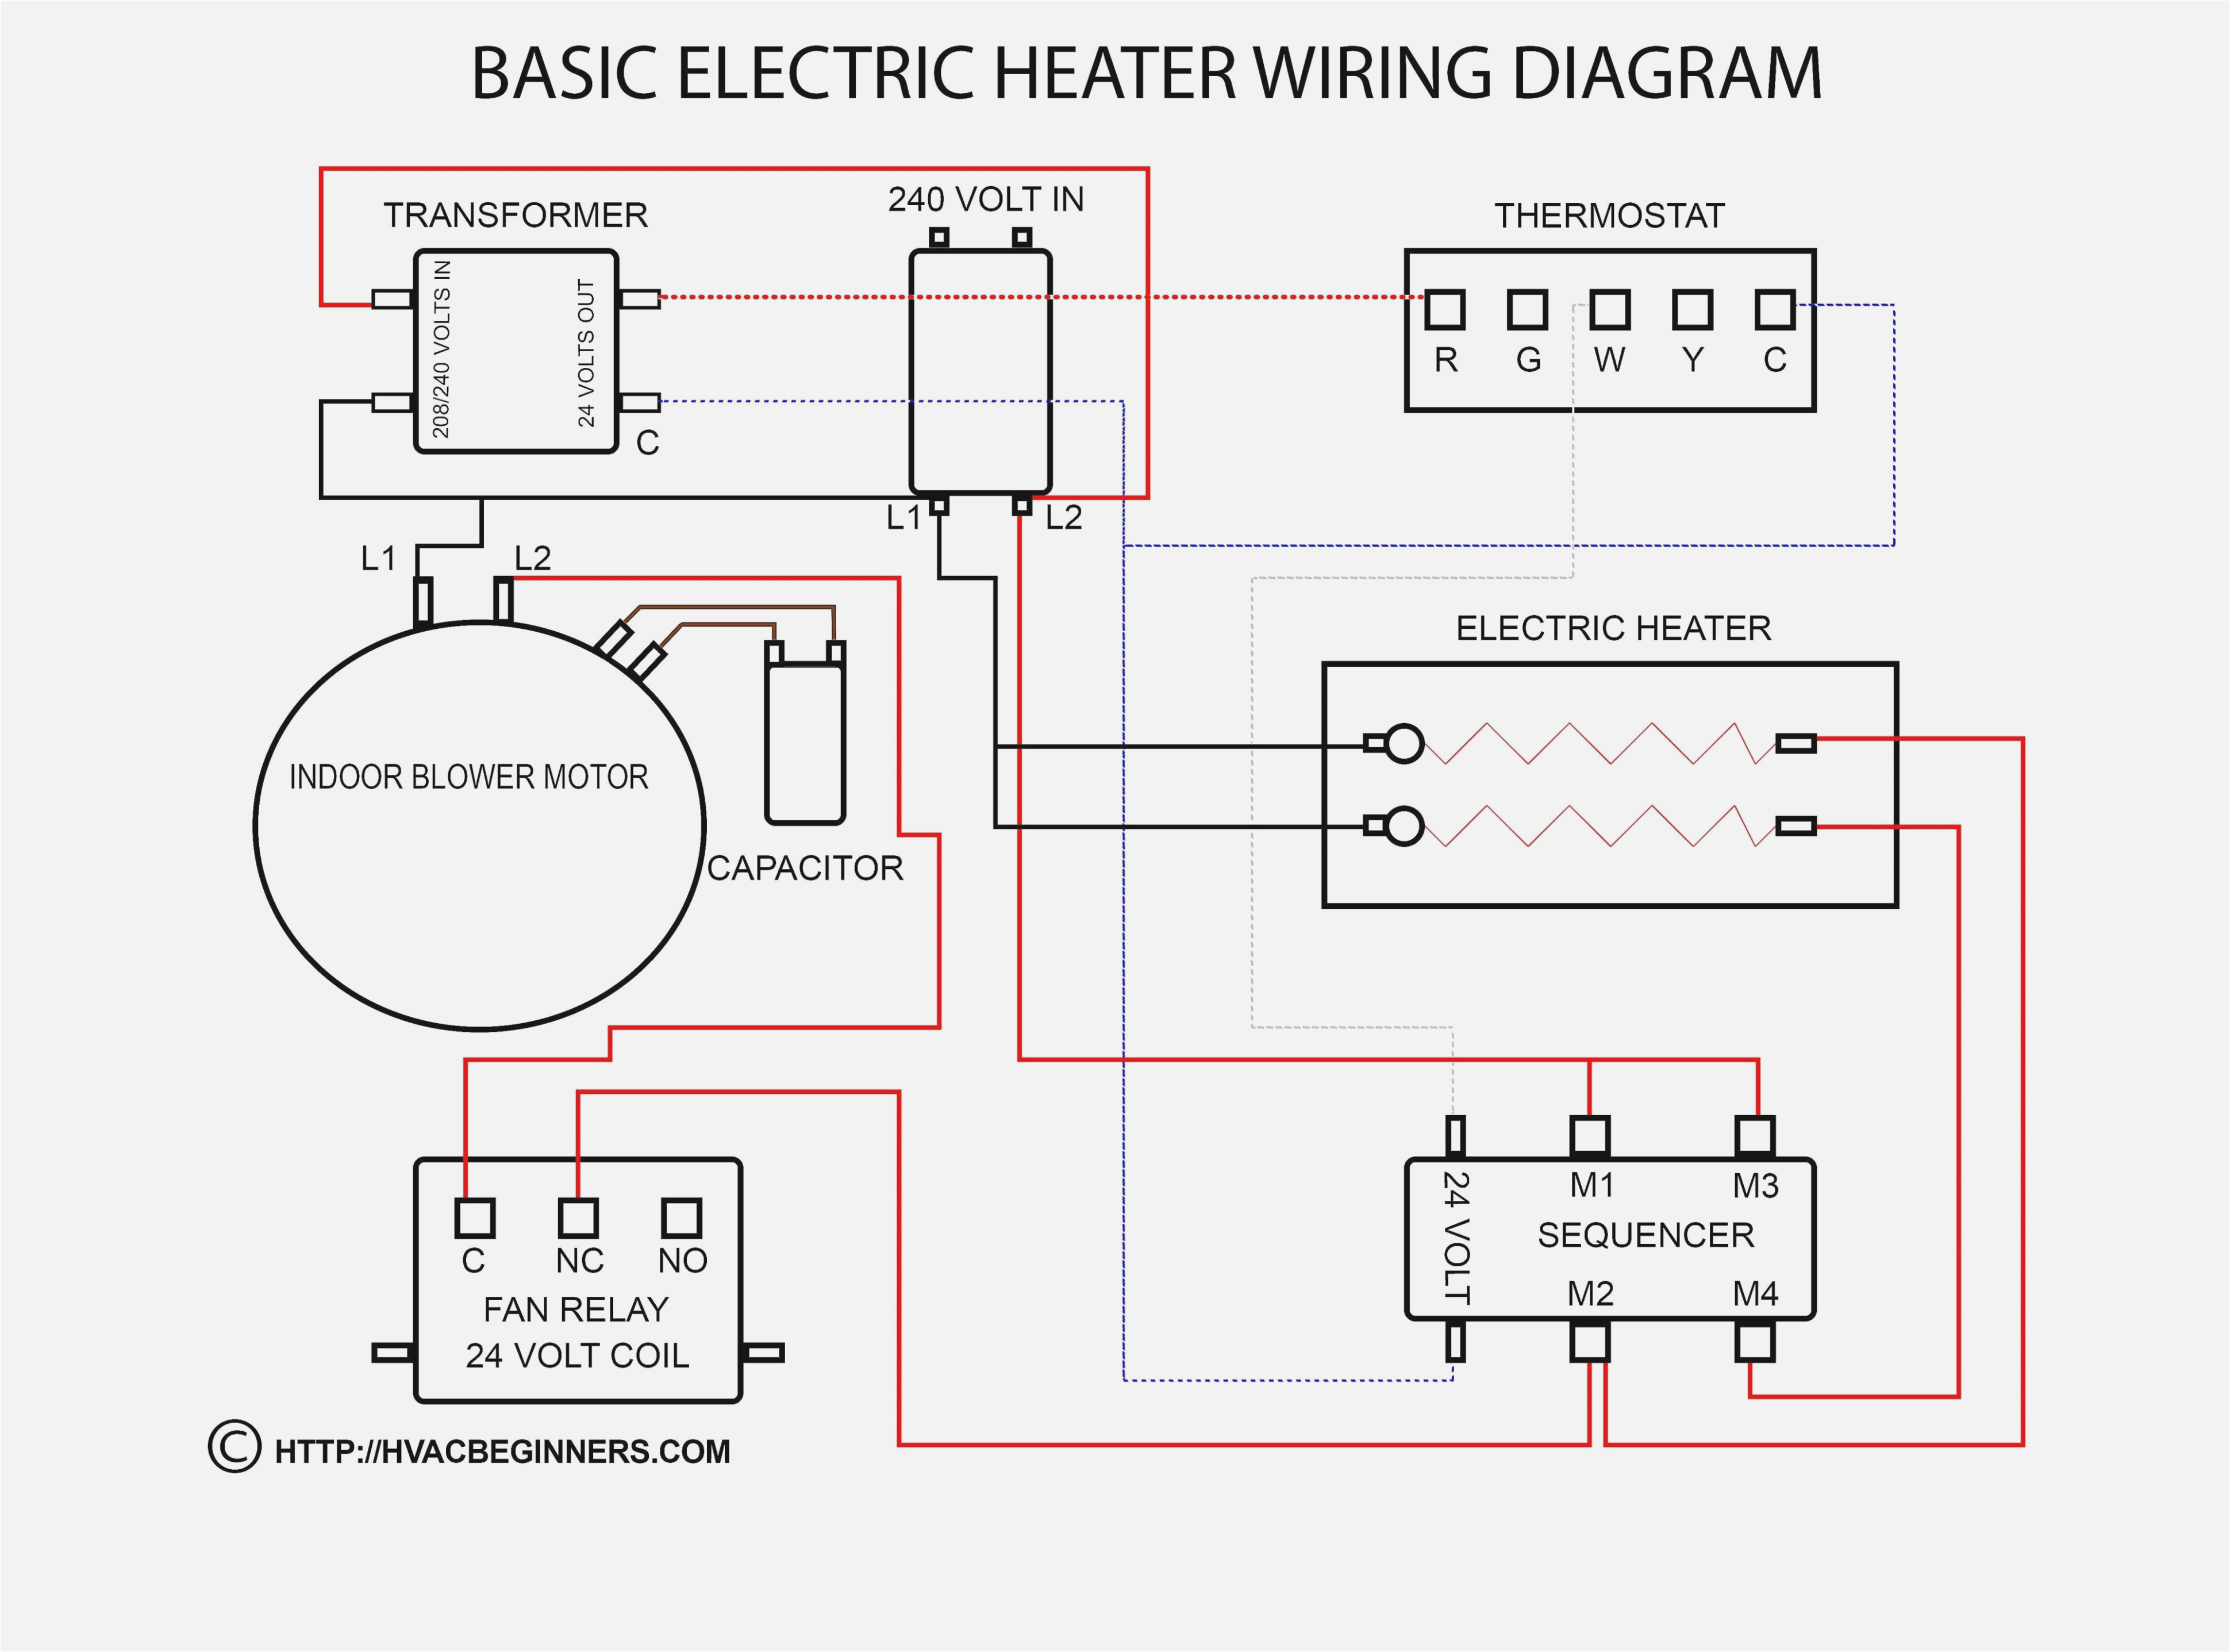 pump for 240 volt wiring diagram wiring diagram centre 277 volt ge breaker 30 240 volt 3 phase delta 277 volt ballast wiring